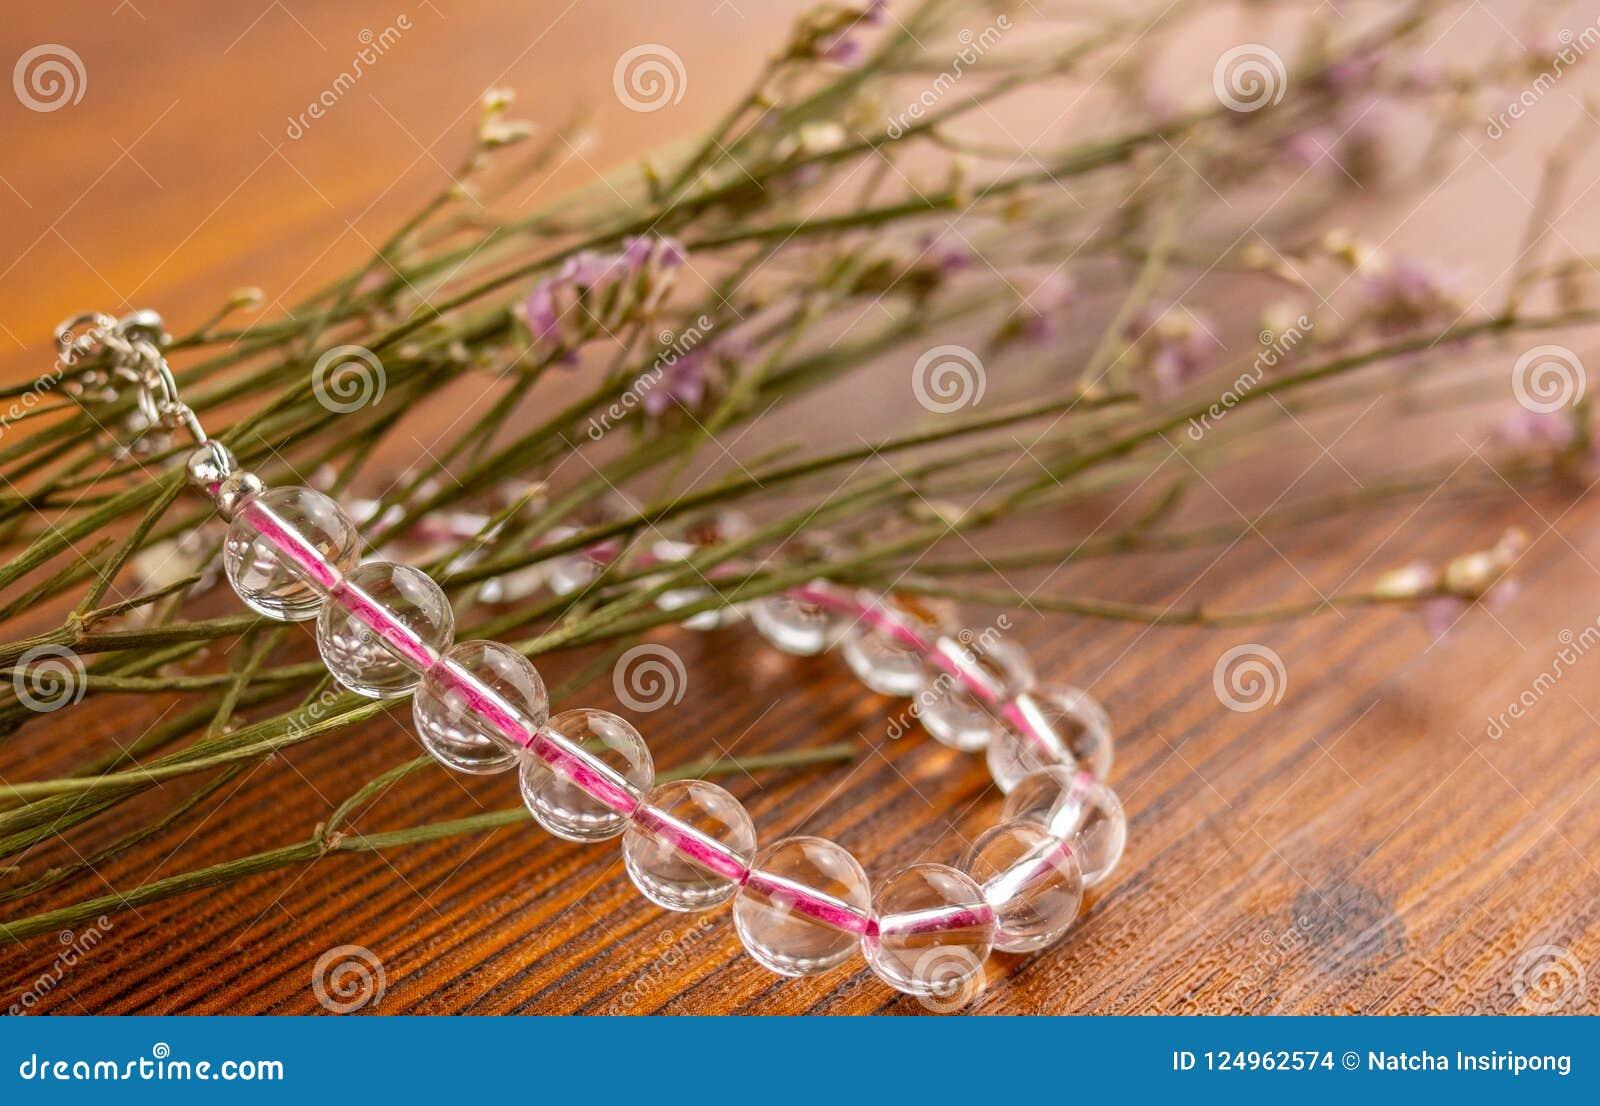 De armband en de bloemen van het kristalkwarts op houten lijst